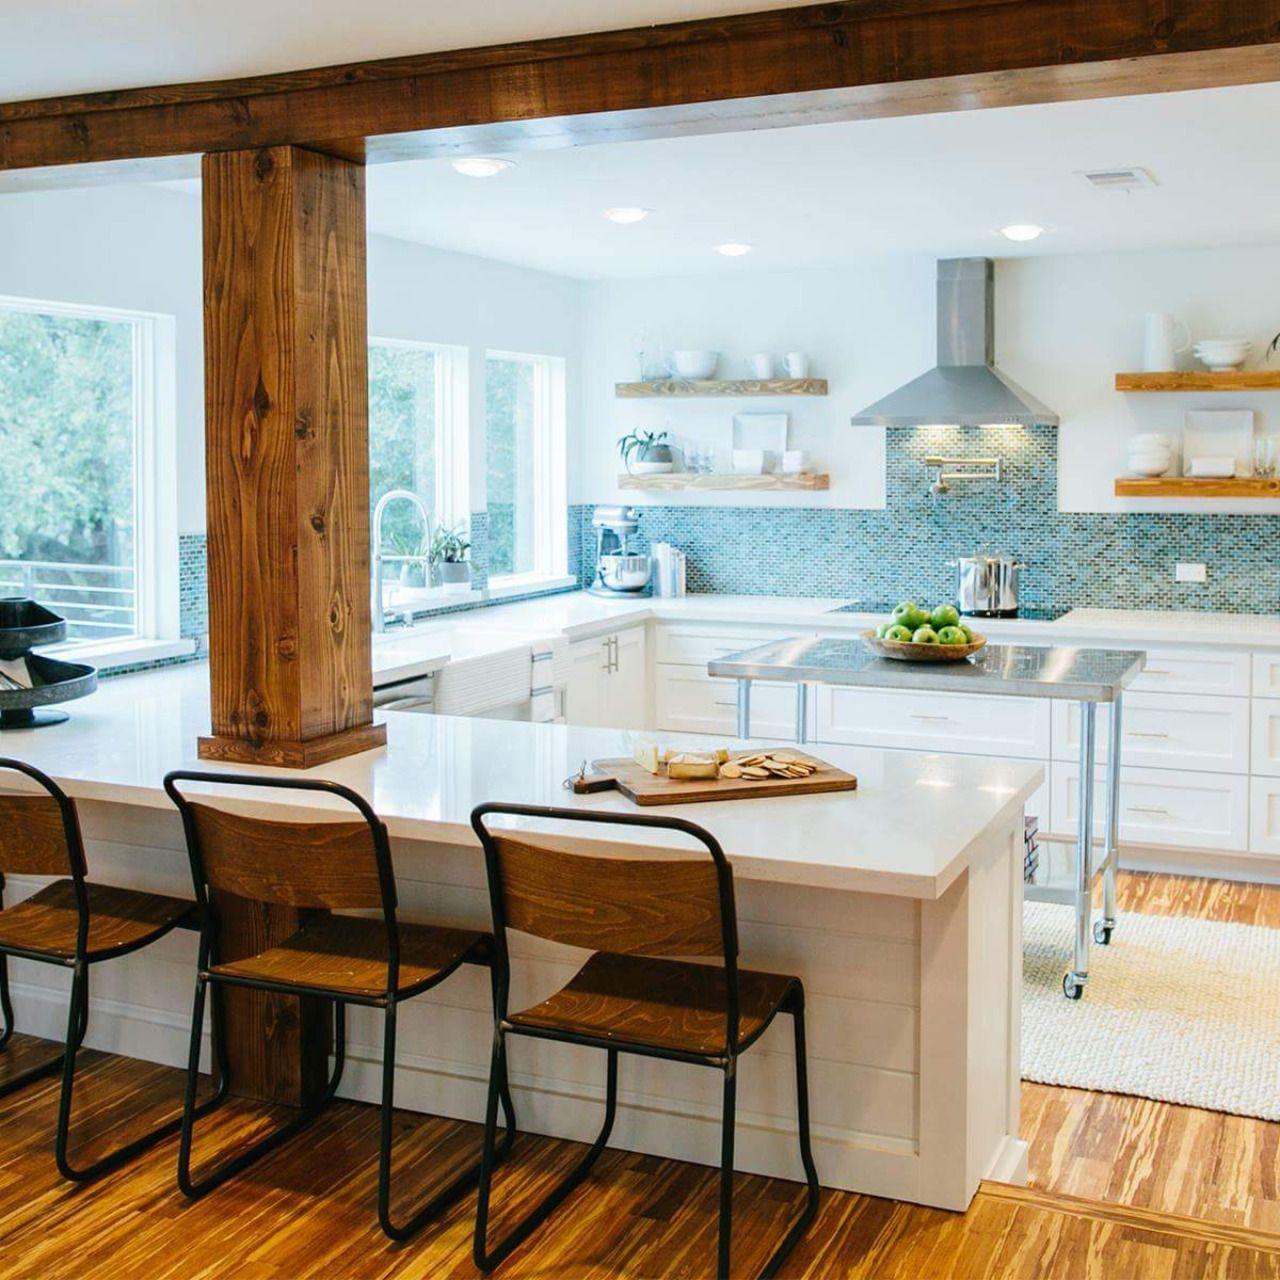 Kitchen Upstairs: 인테리어, 부엌, 거실